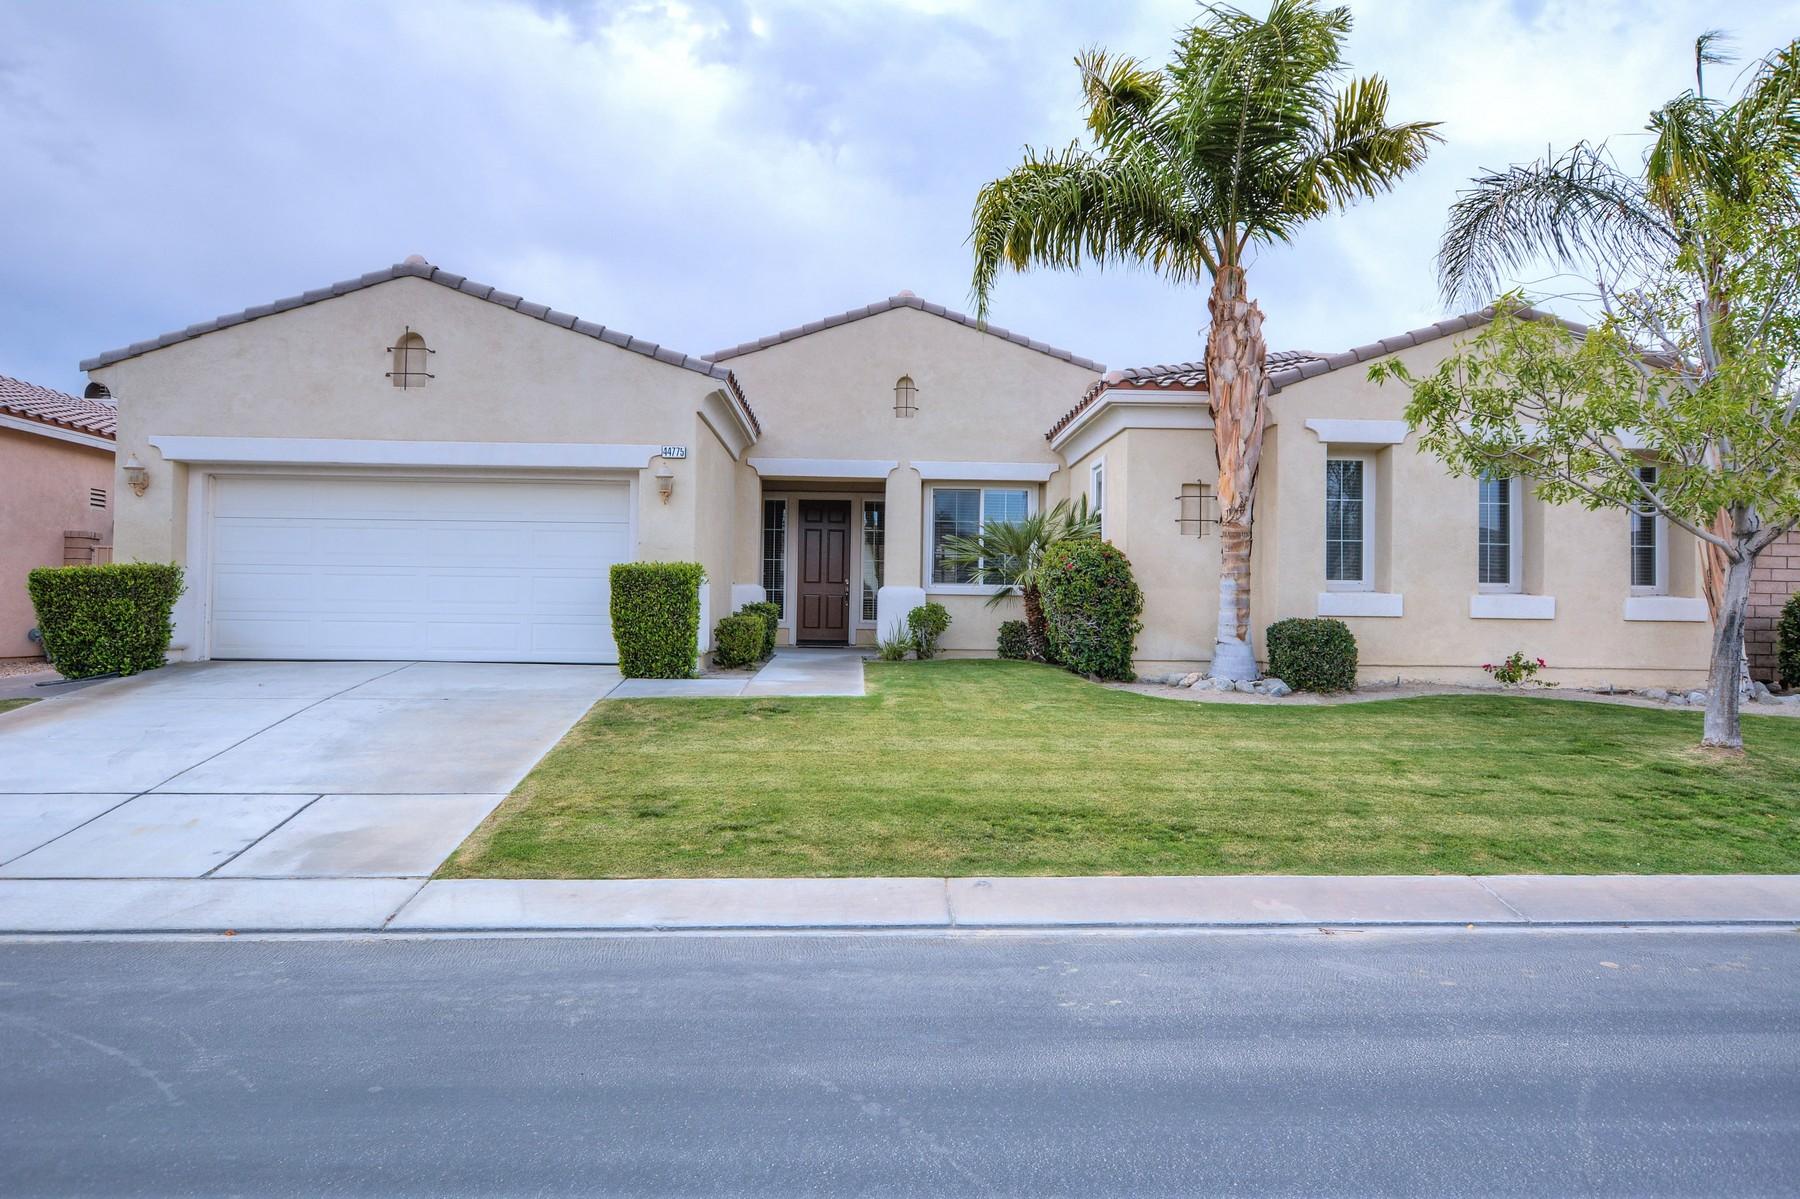 独户住宅 为 销售 在 44775 Via Alondra La Quinta, 加利福尼亚州, 92253 美国